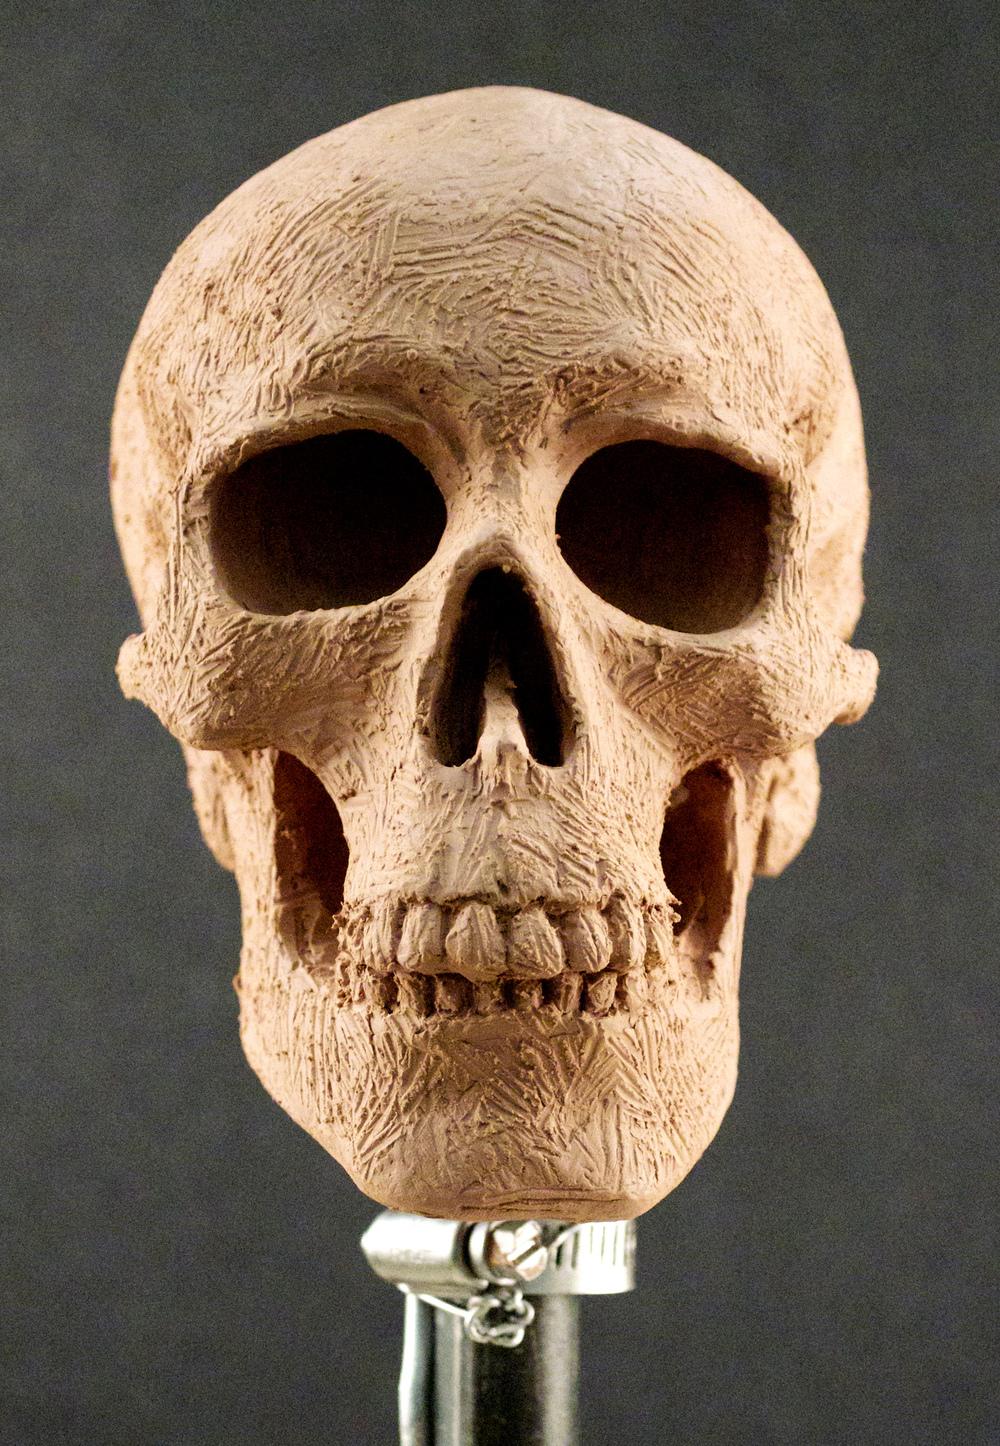 lack,e.Skull2-1.jpg